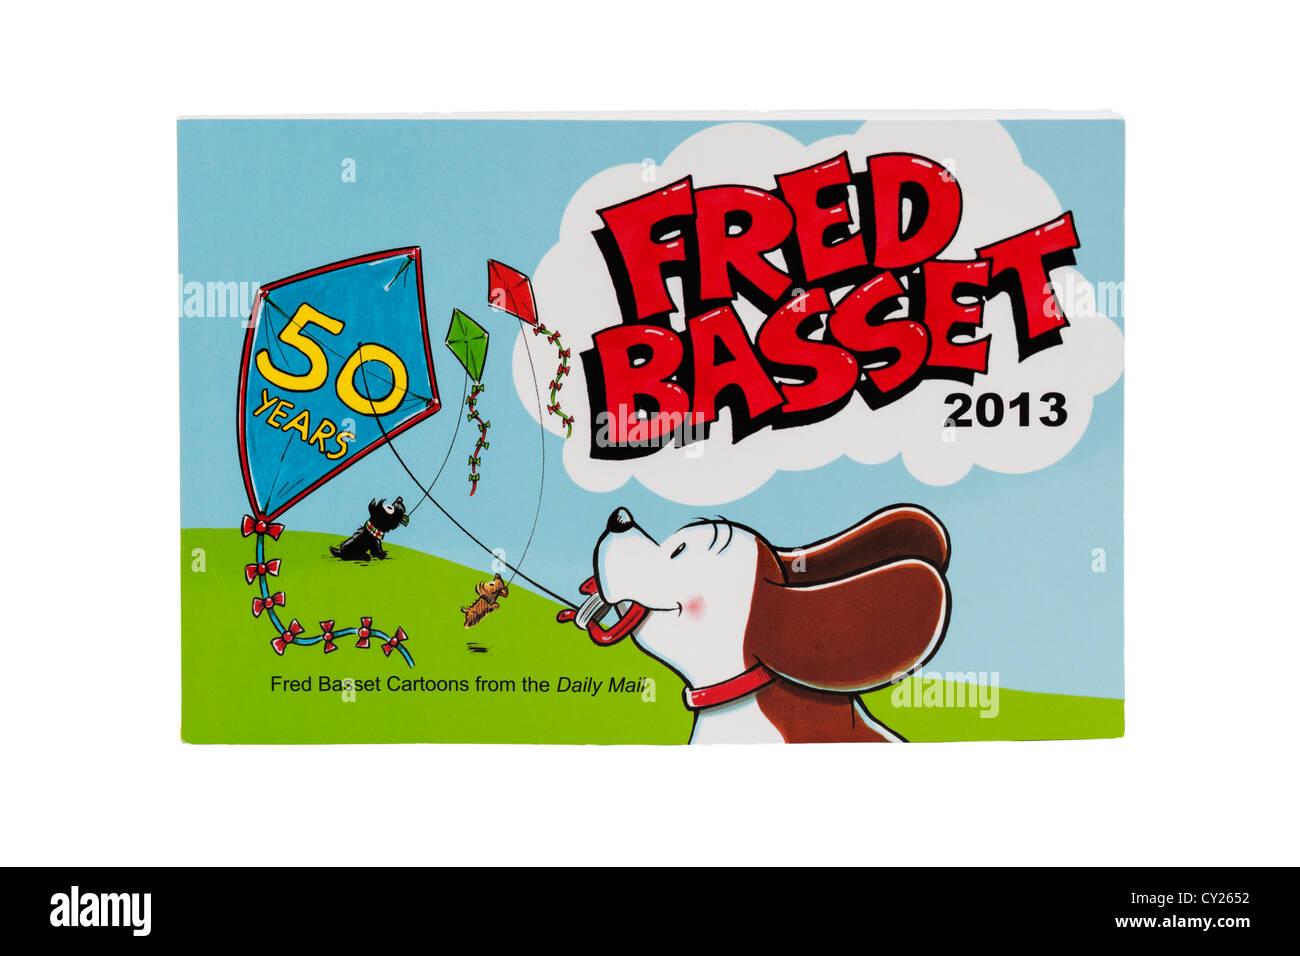 Ein 2013 Fred Basset Buch feiert 50 Jahre Fred Basset auf einem weißen Hintergrund cartoons Stockbild